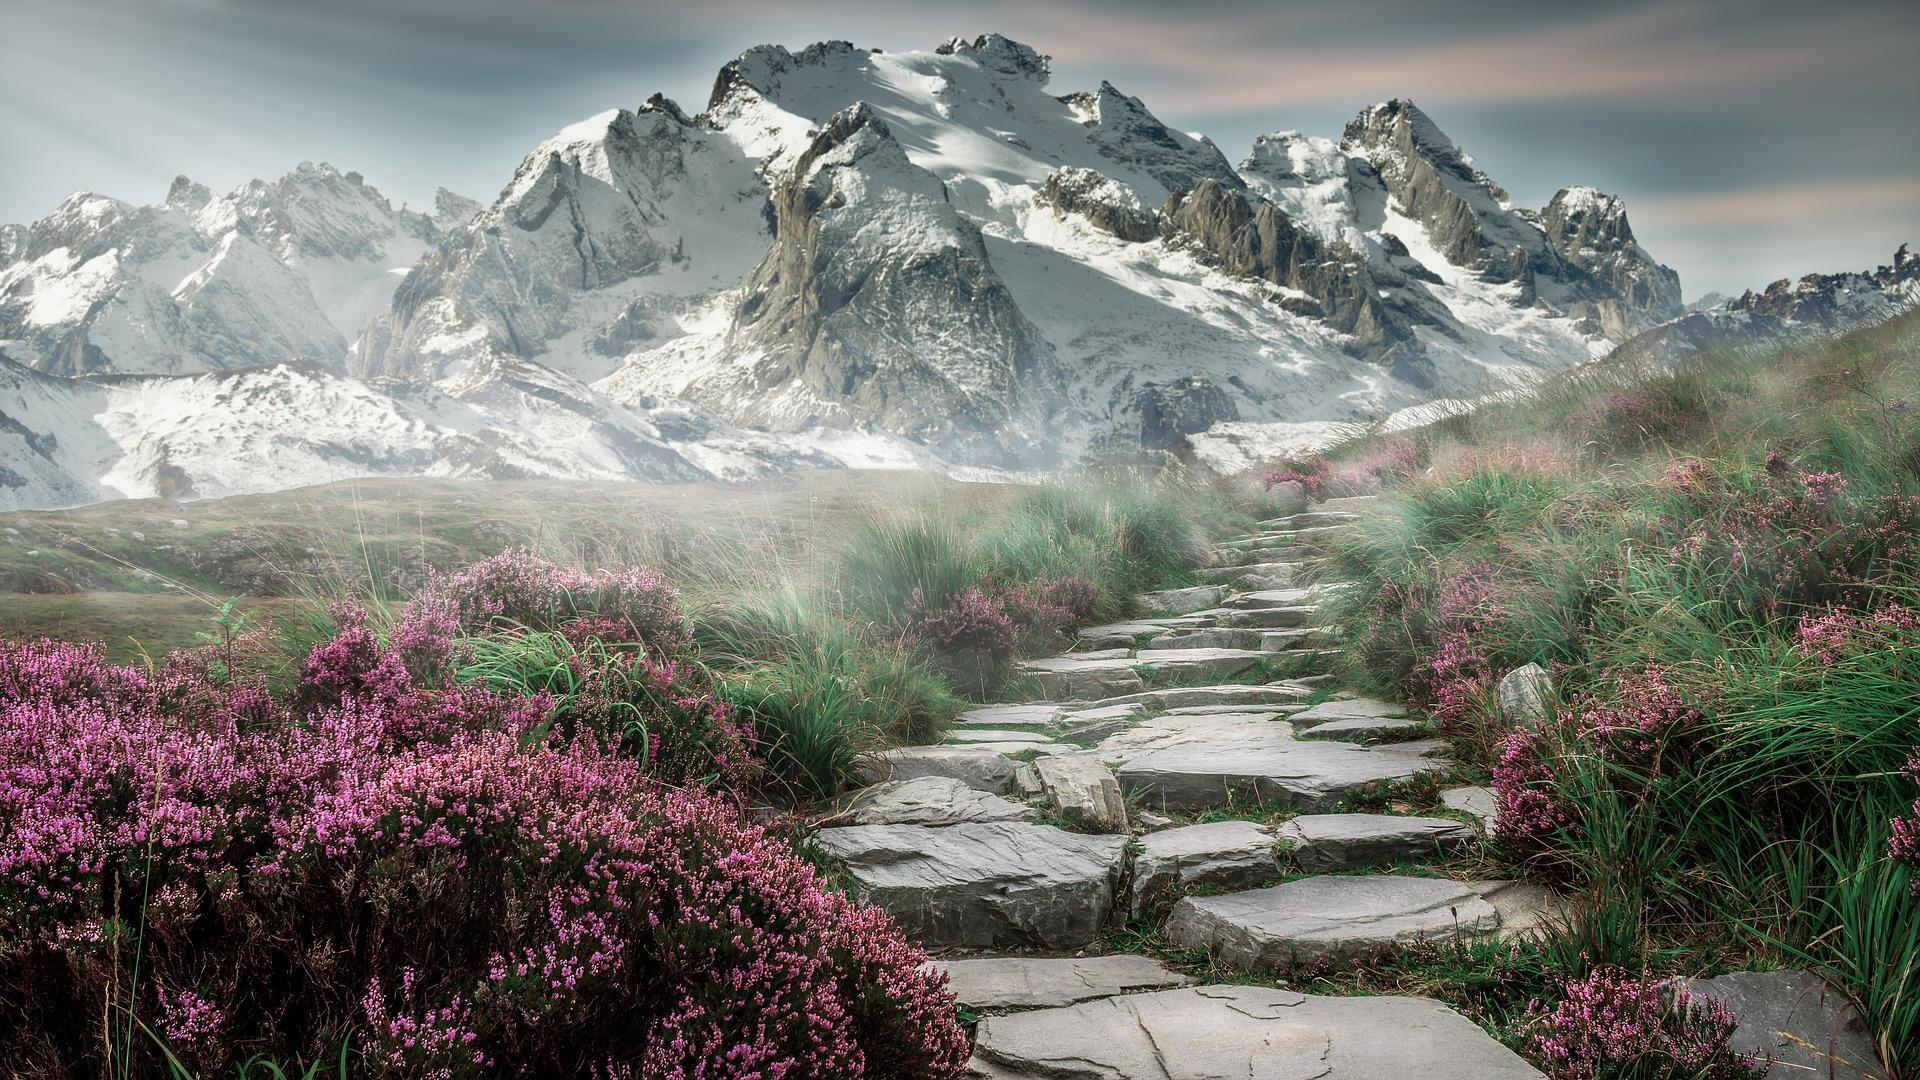 percorso montano